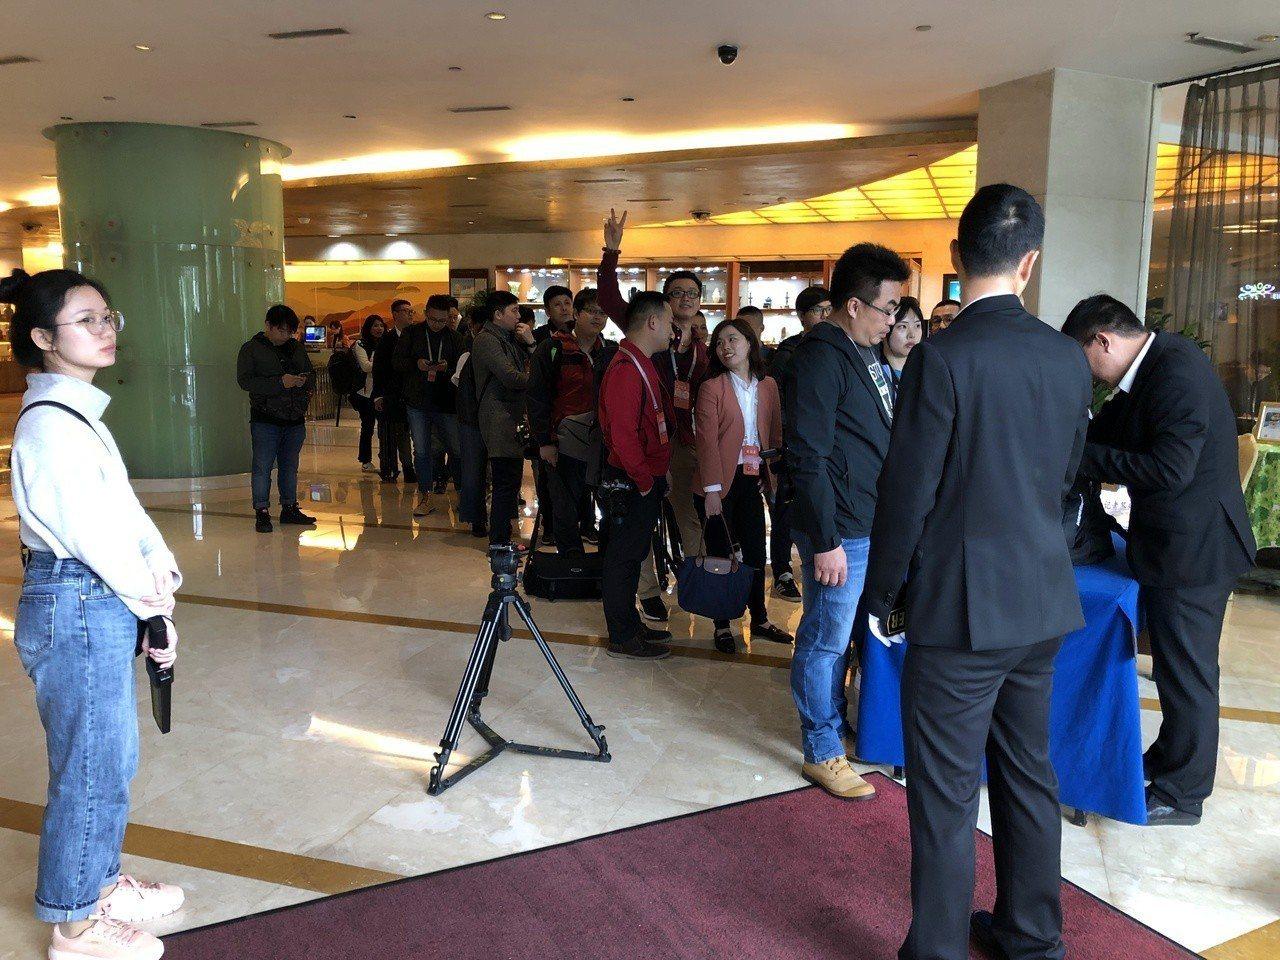 韓國瑜的深圳行,全程維安高規格,所有記者都要排隊搜身。記者蔡家蓁/攝影